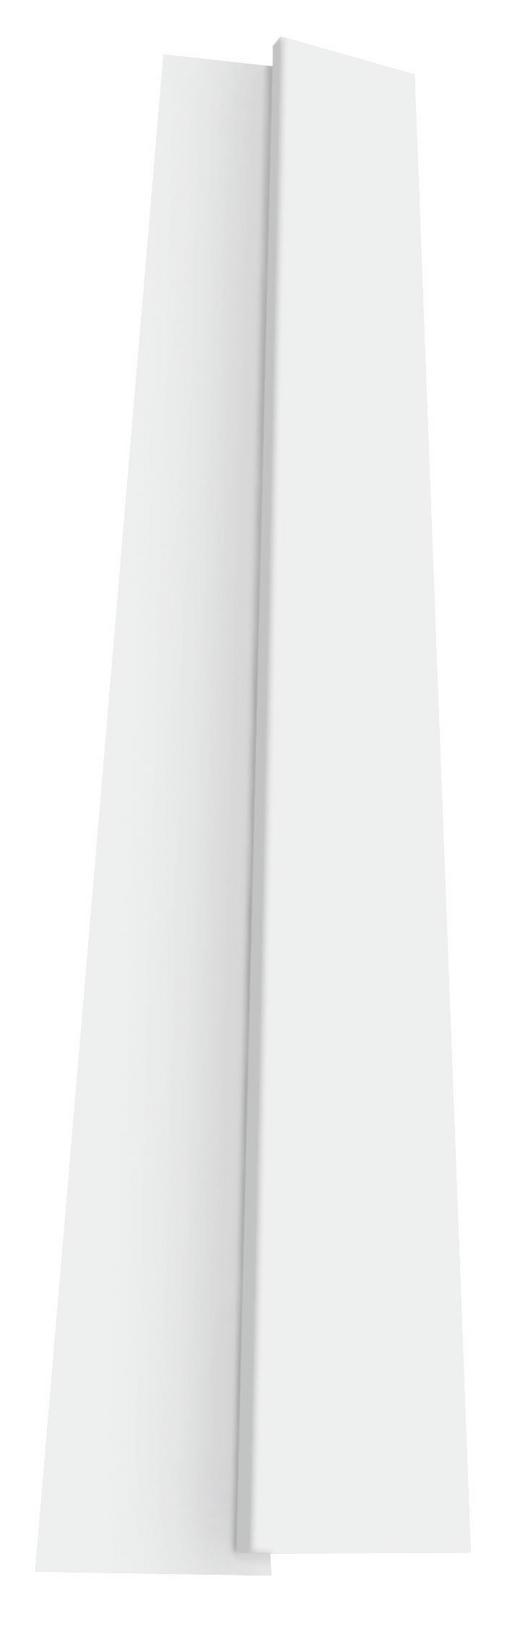 UMBAUSEITEN Isolde/Matteo Weiß - Weiß, Trend (140/15/2cm) - Jimmylee